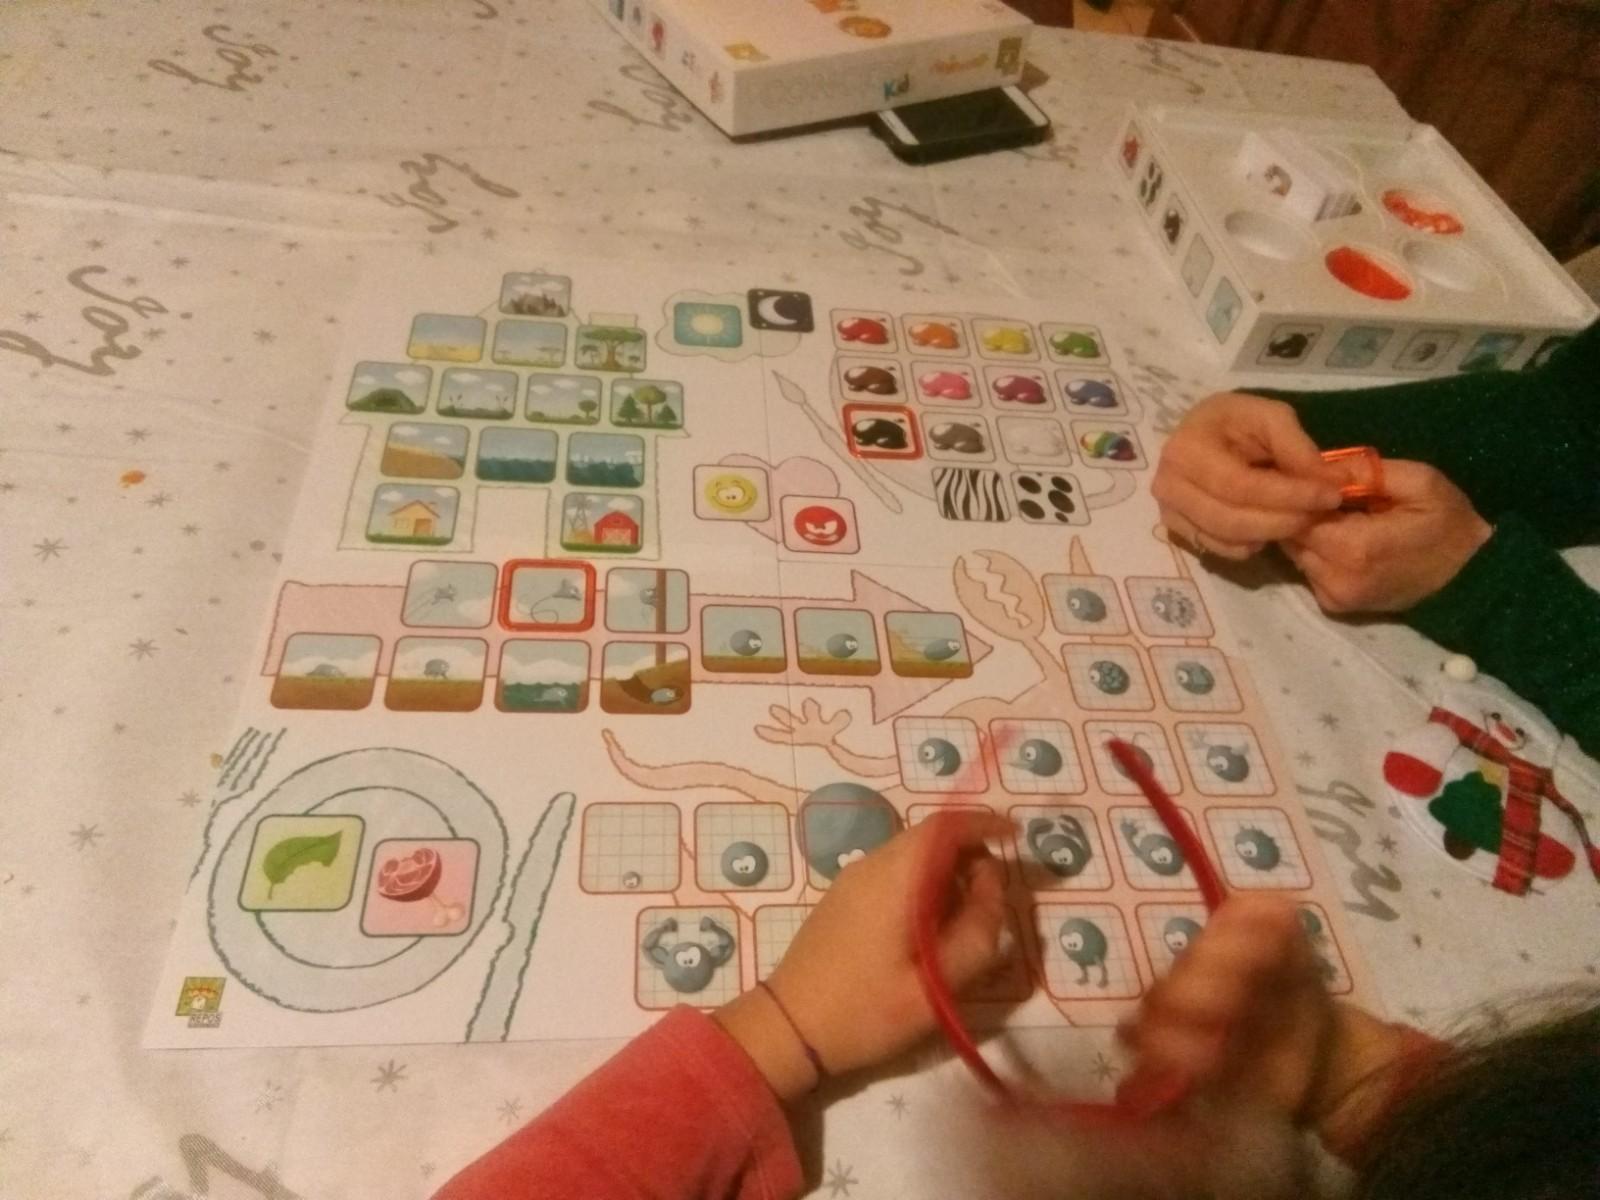 jeu-concept-enfants réflexion